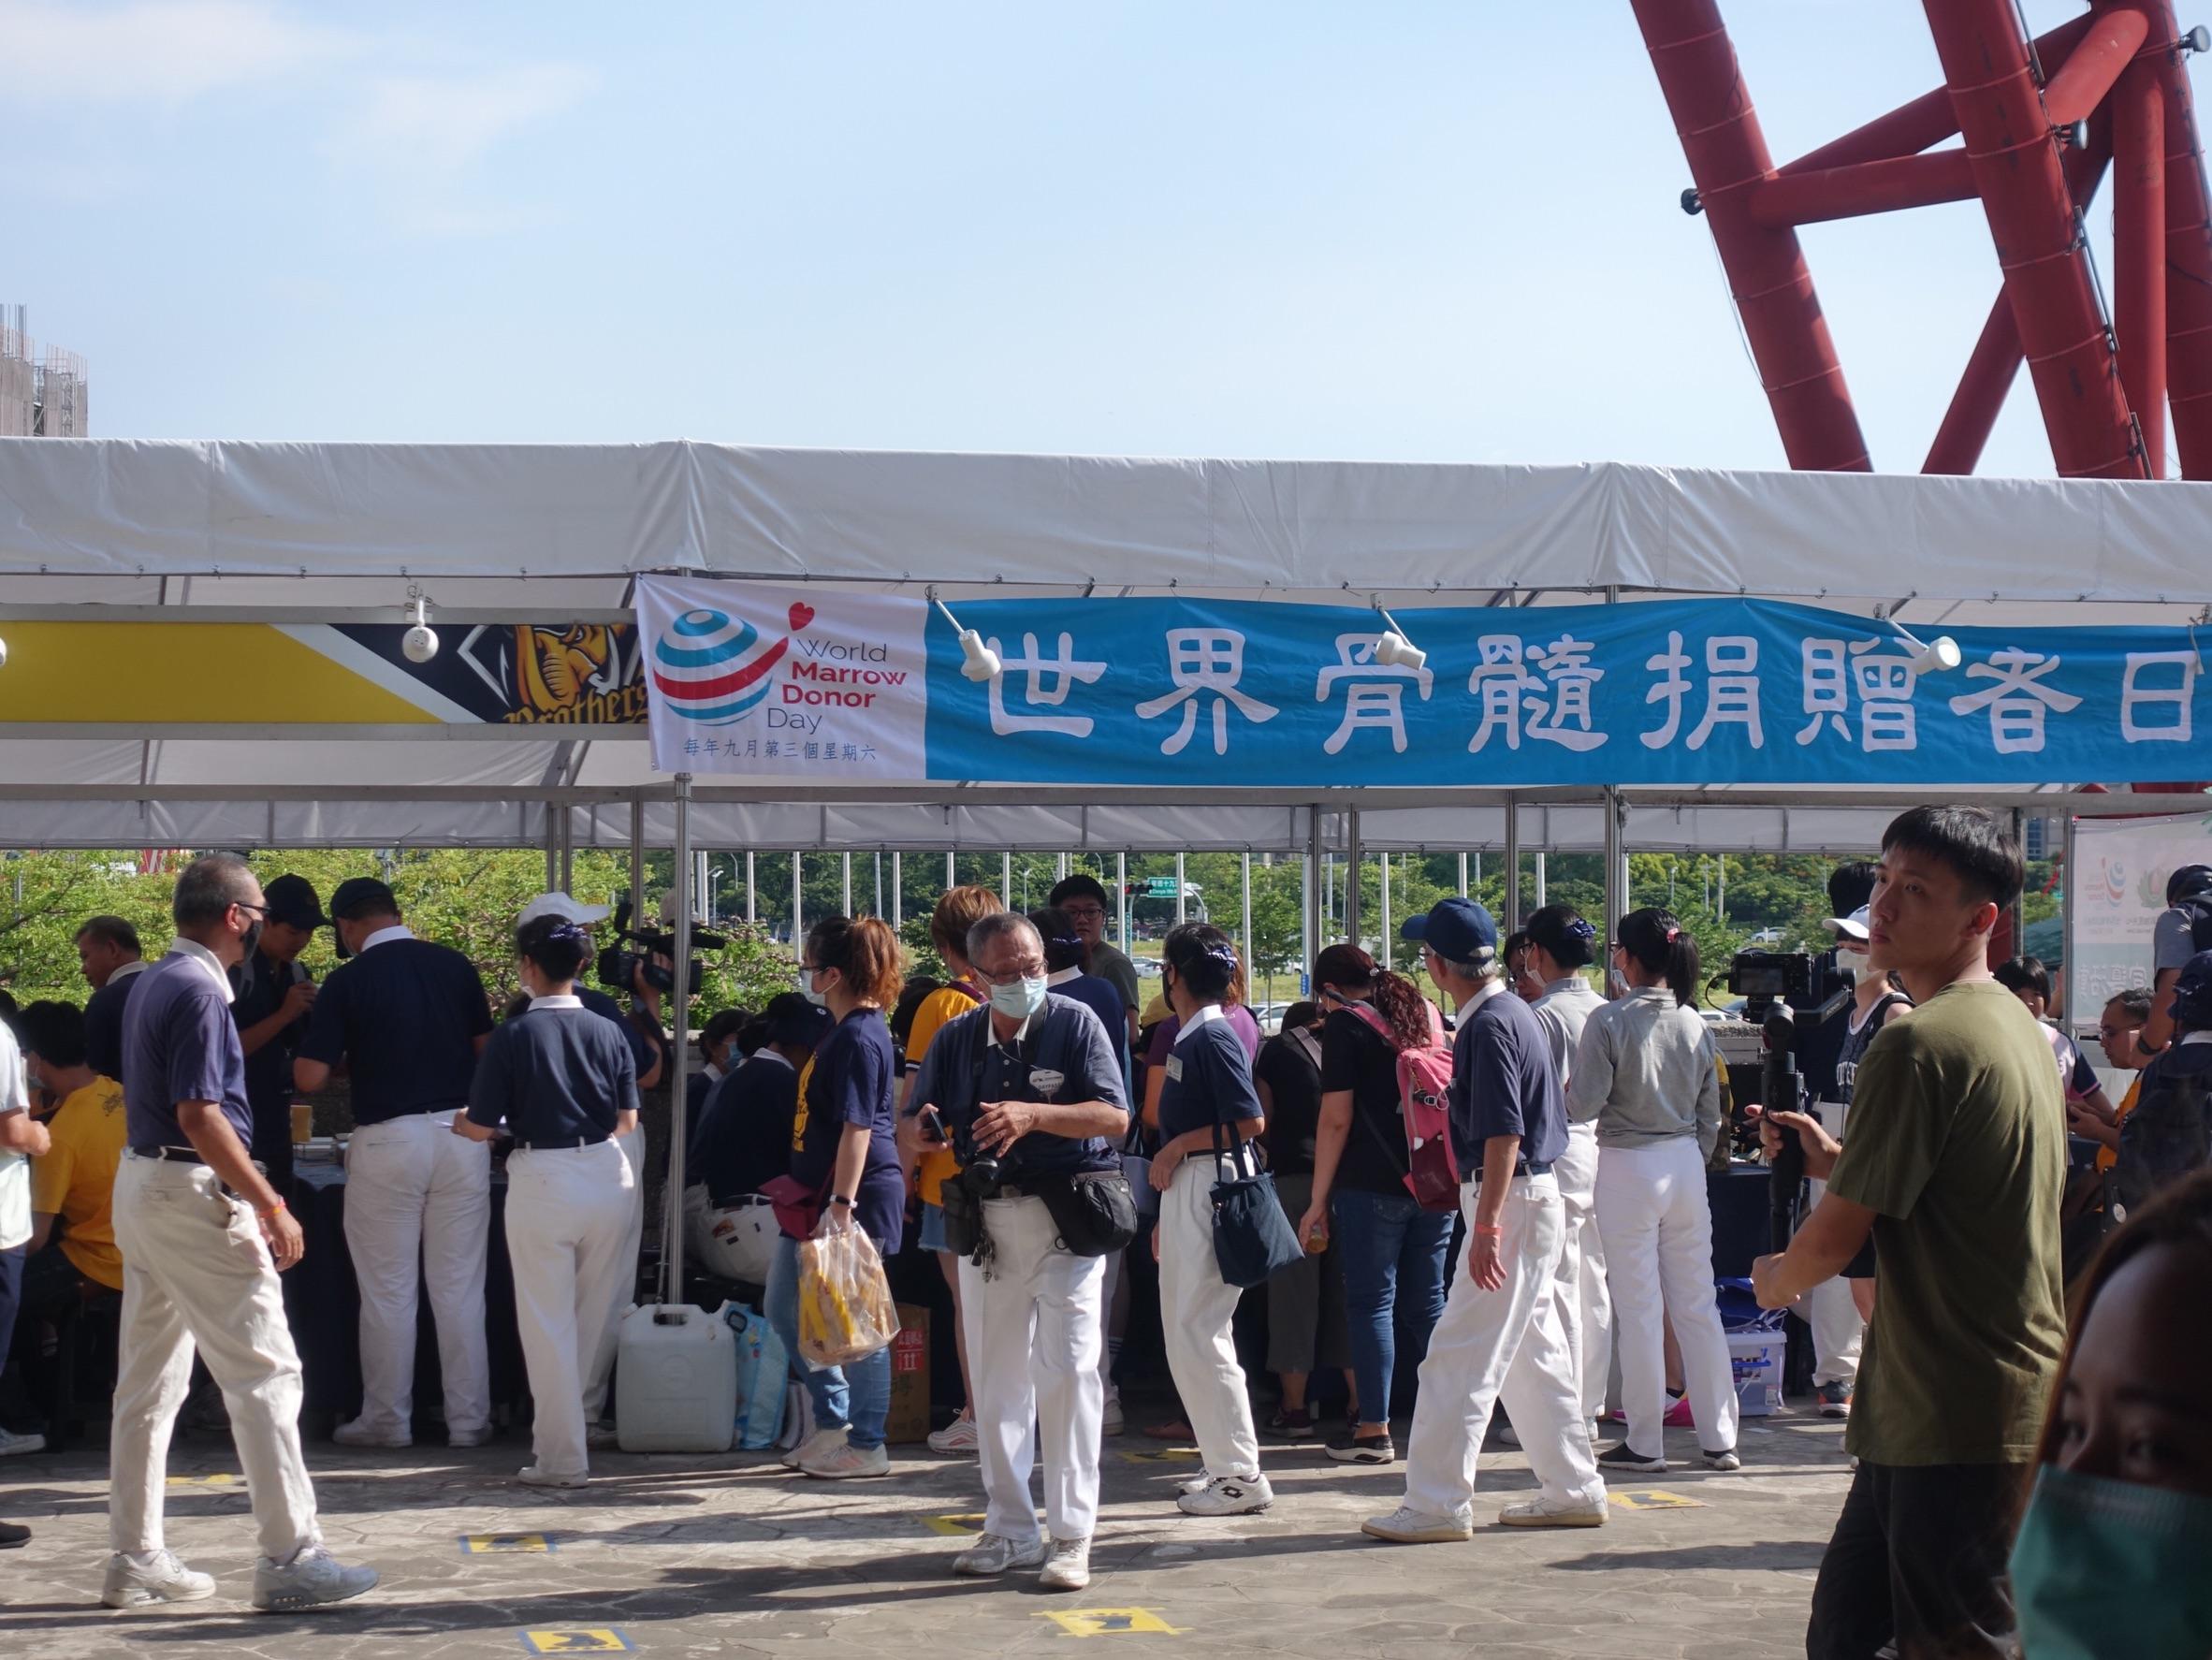 7月11日中職邀請慈濟在台中洲際棒球場推廣骨髓幹細胞建檔,傍晚立刻集滿超過100支。